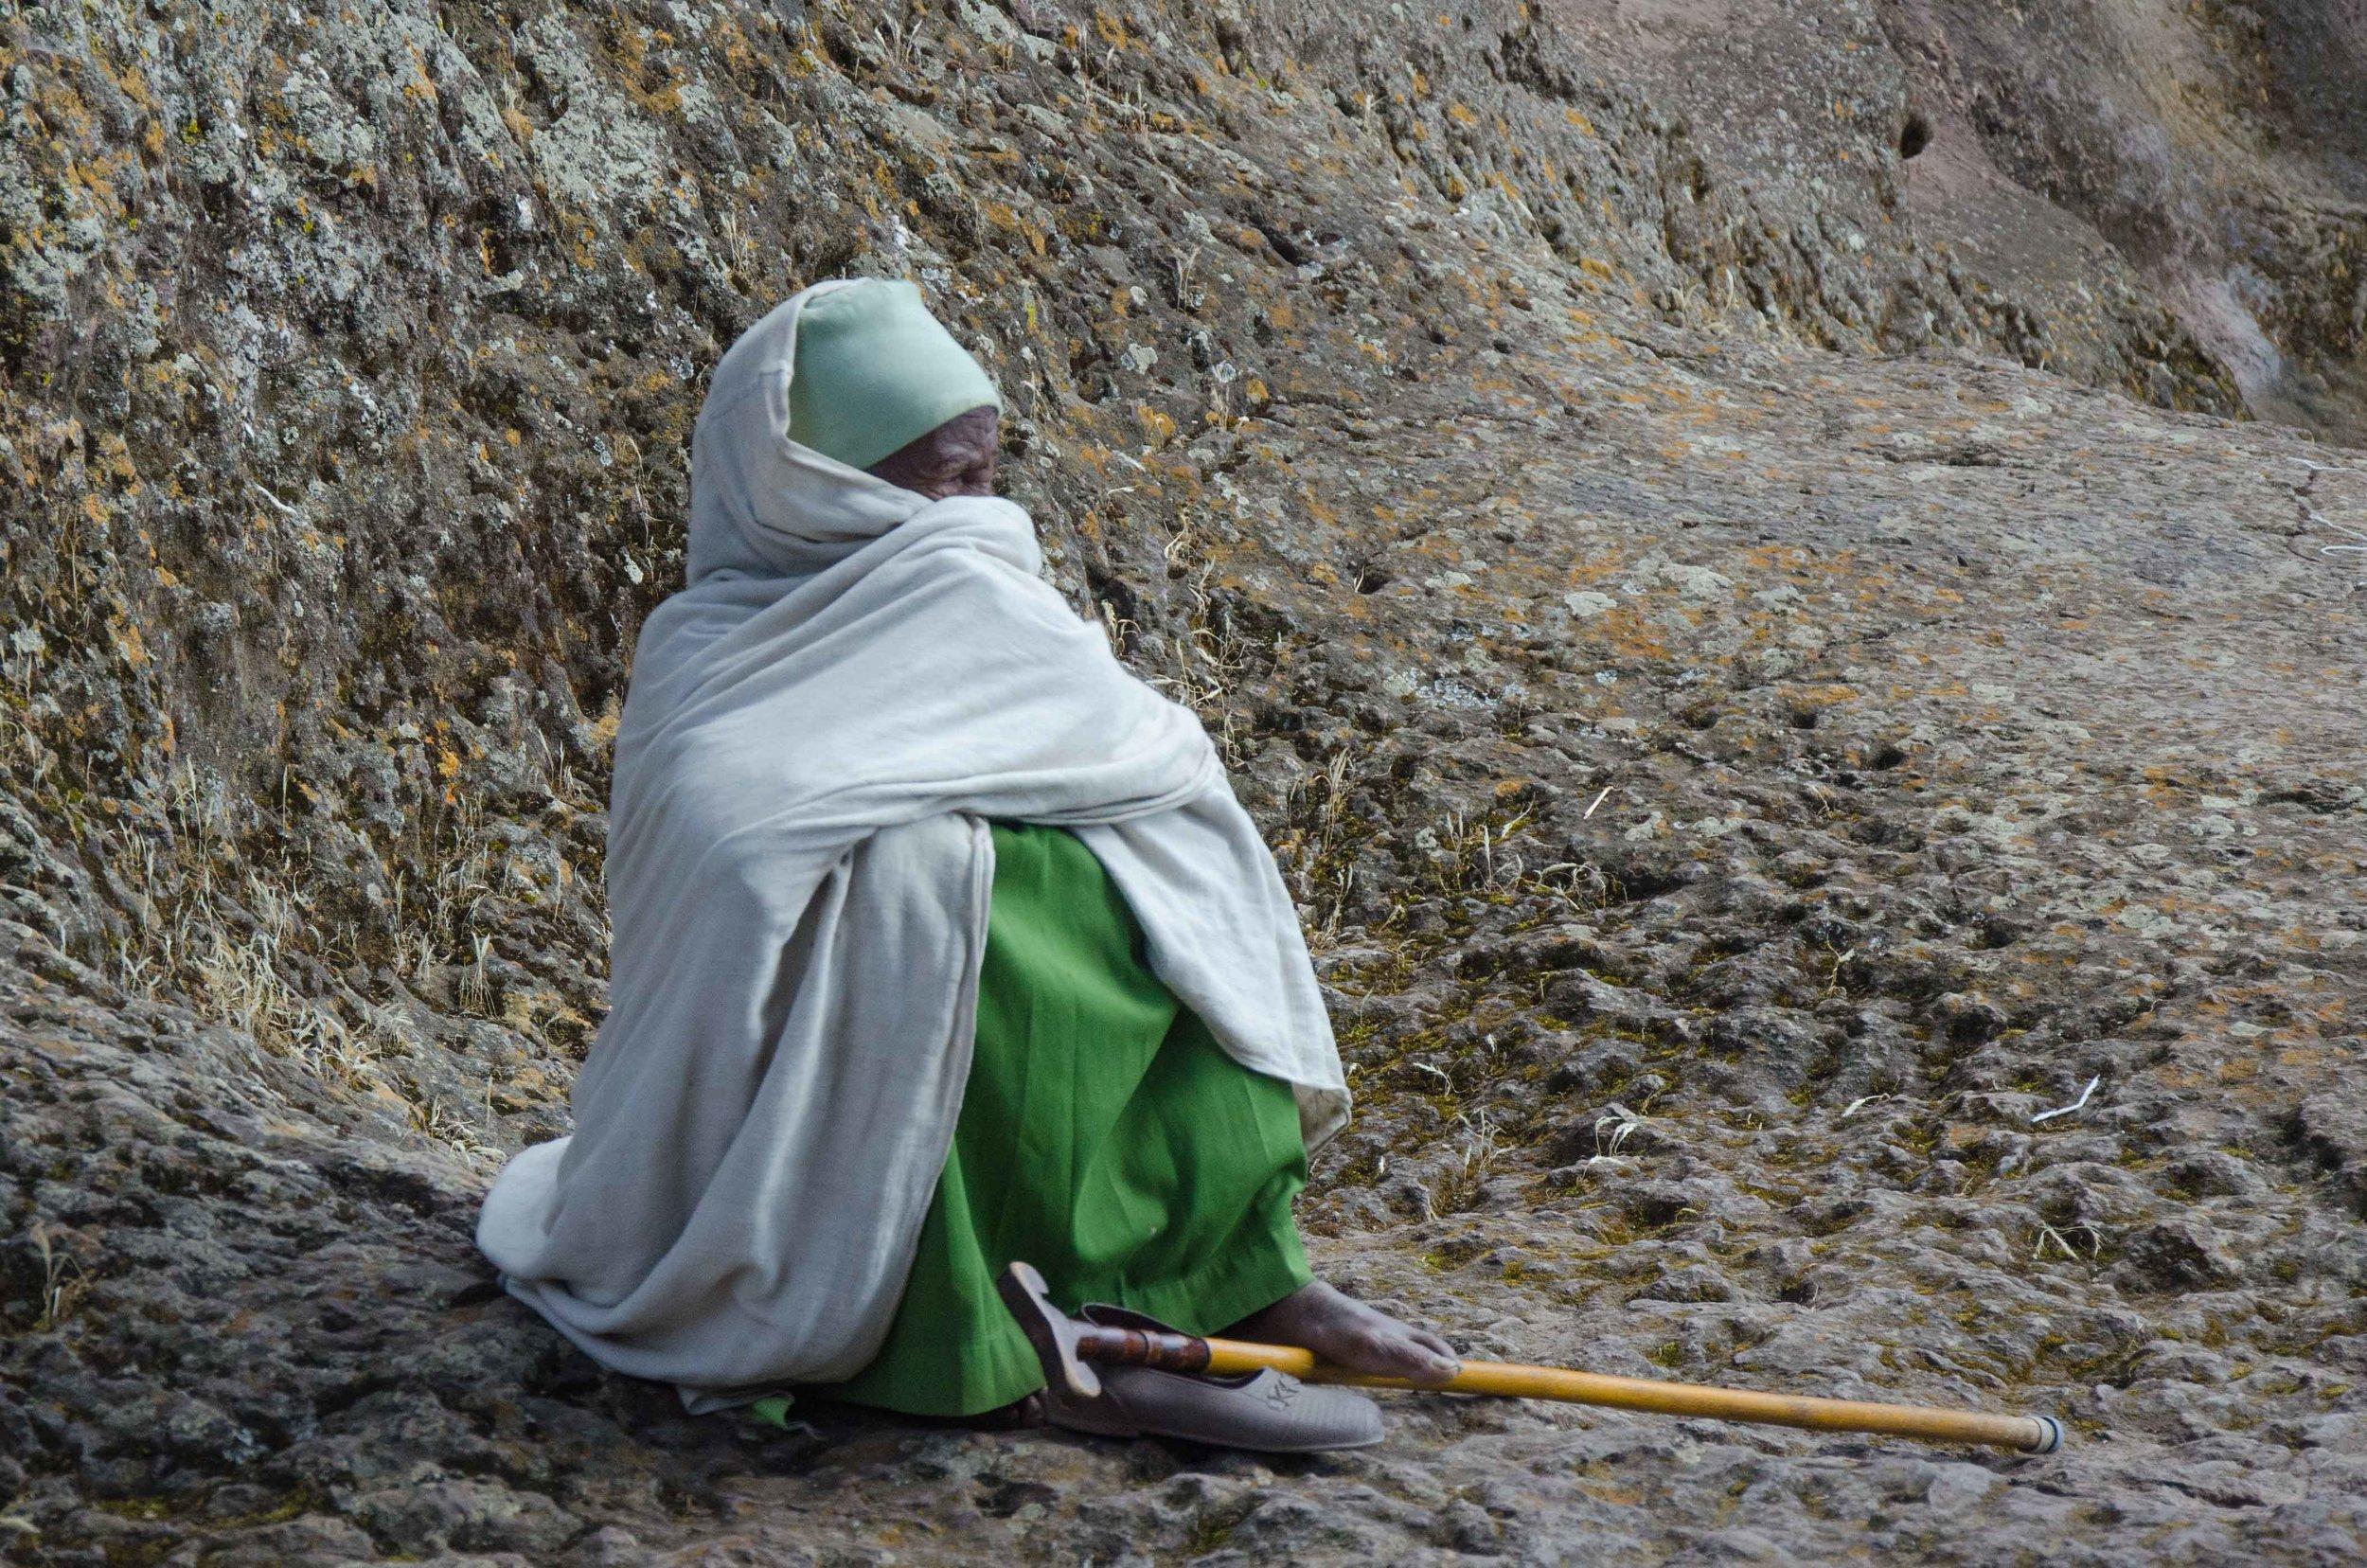 pilgrim-woman-ethiopia-10-11-2012